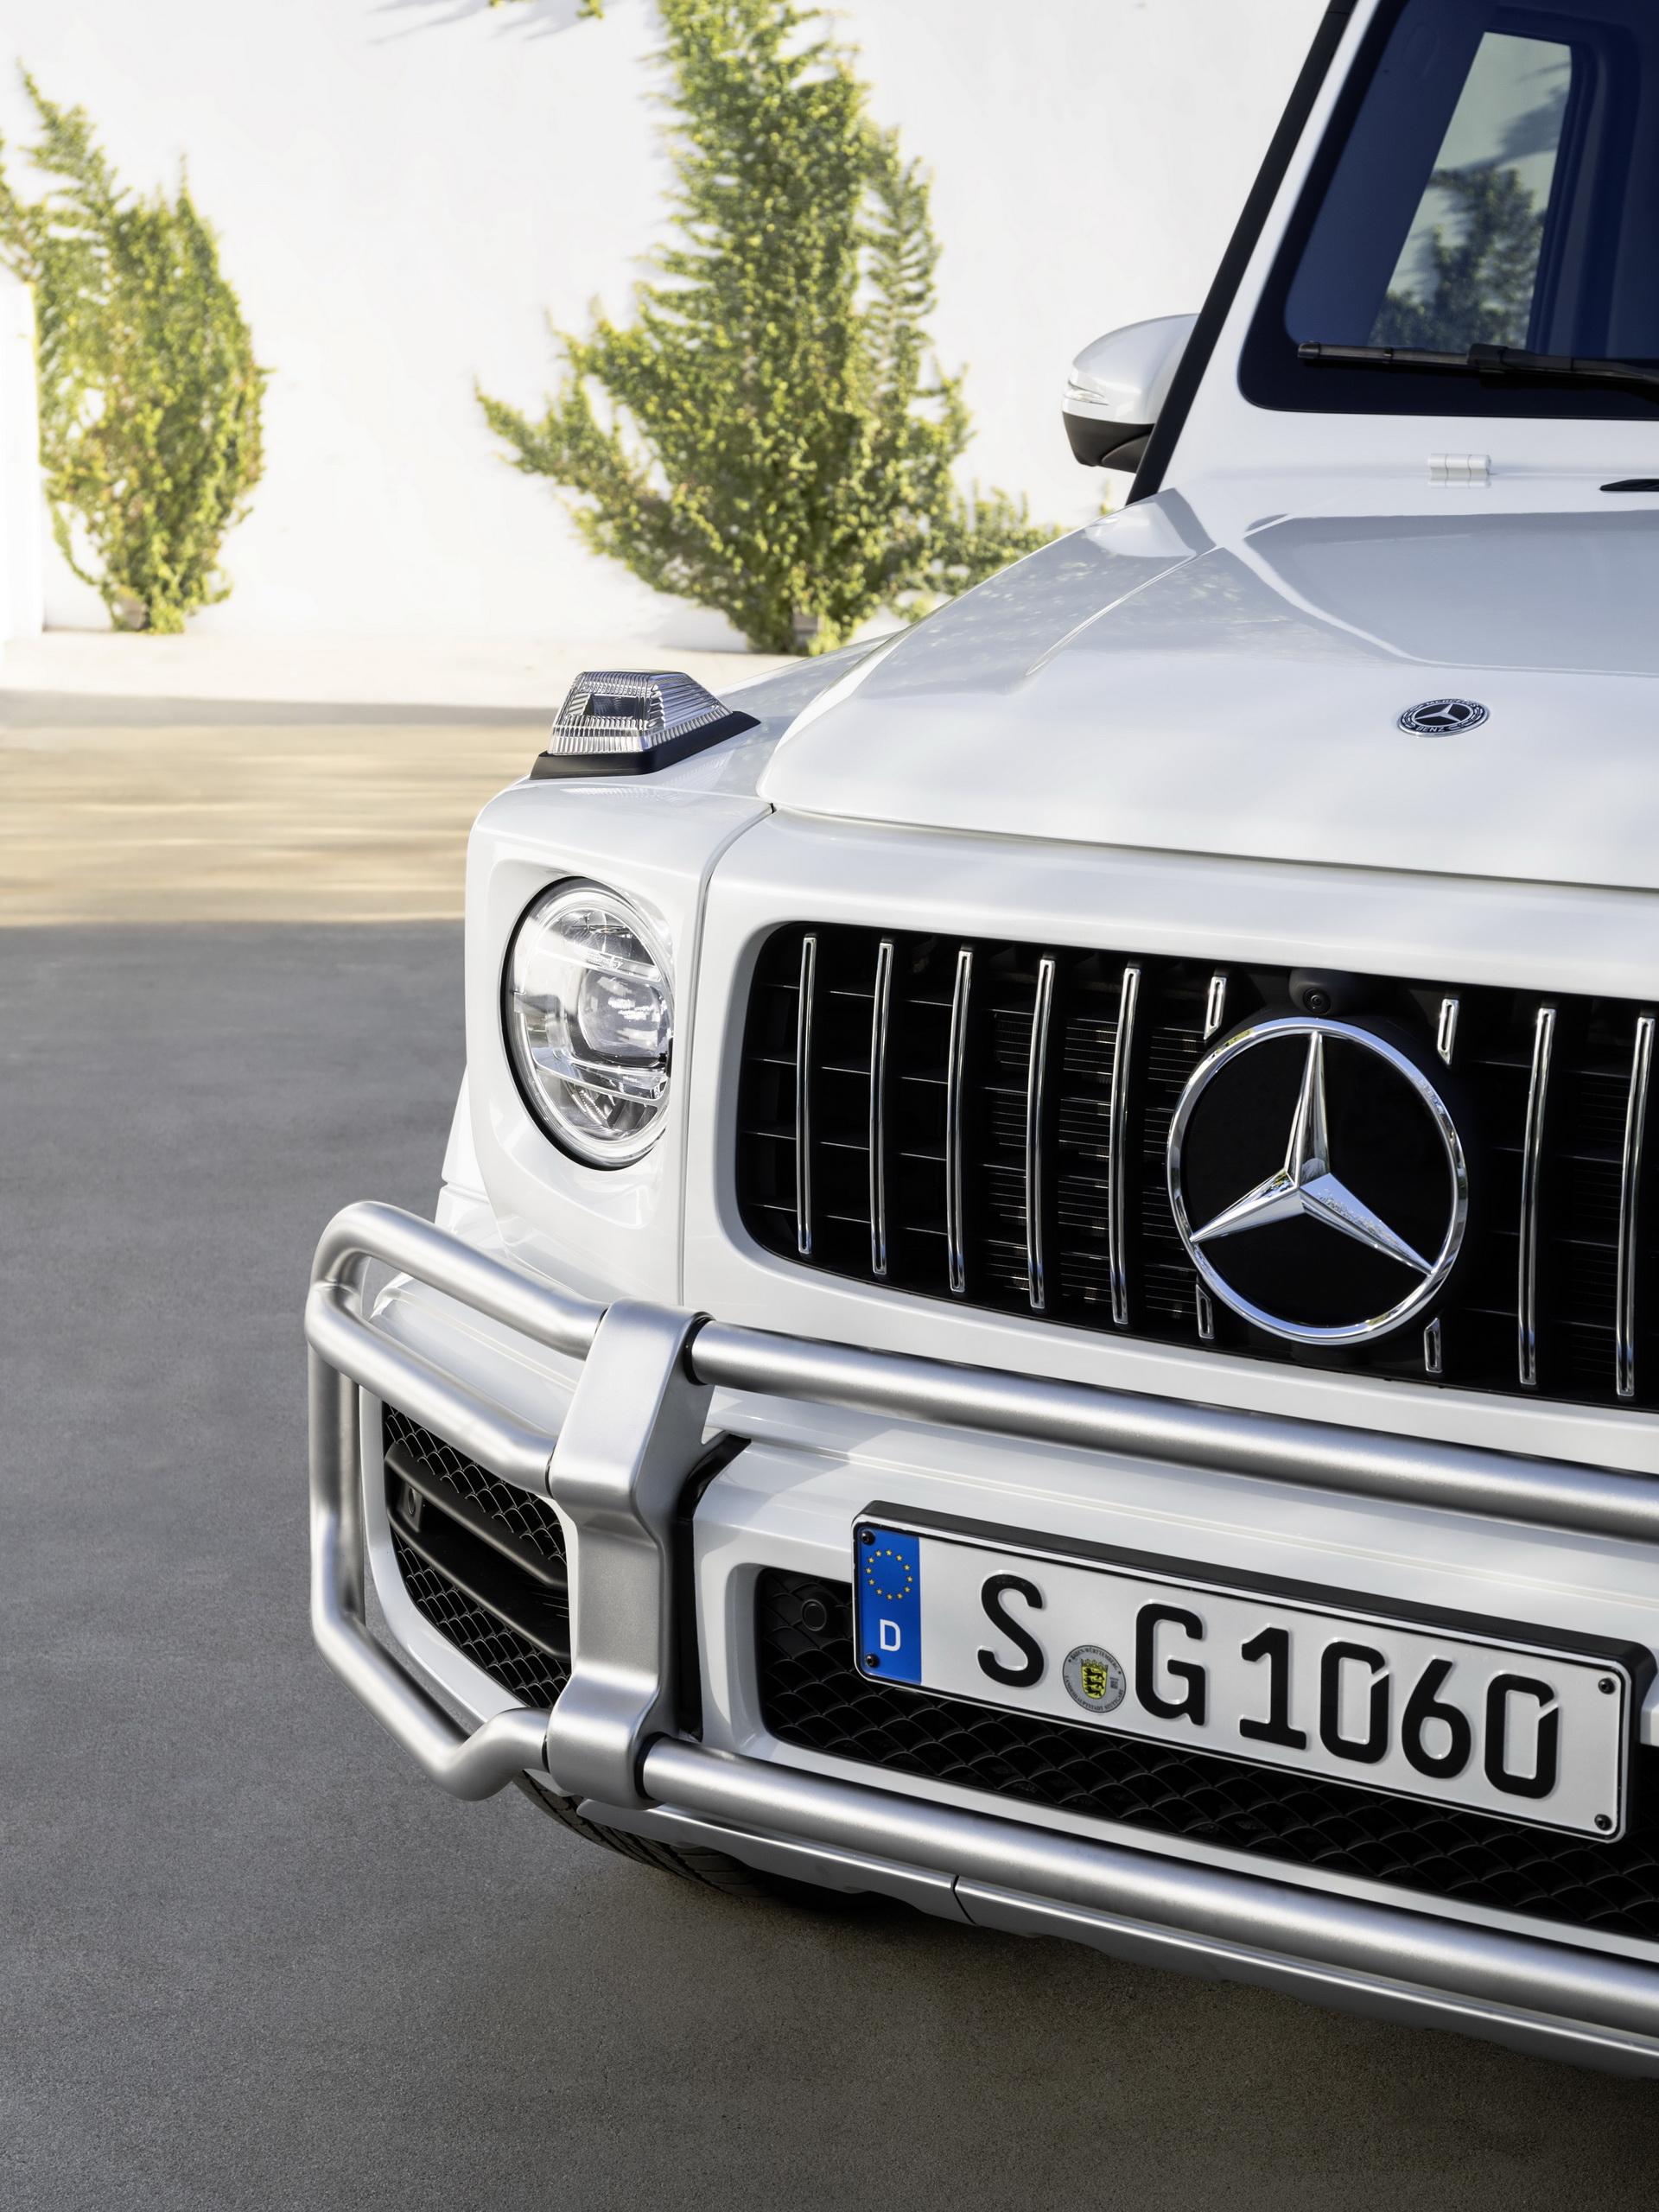 Mercedes-AMG G63 MY 2019